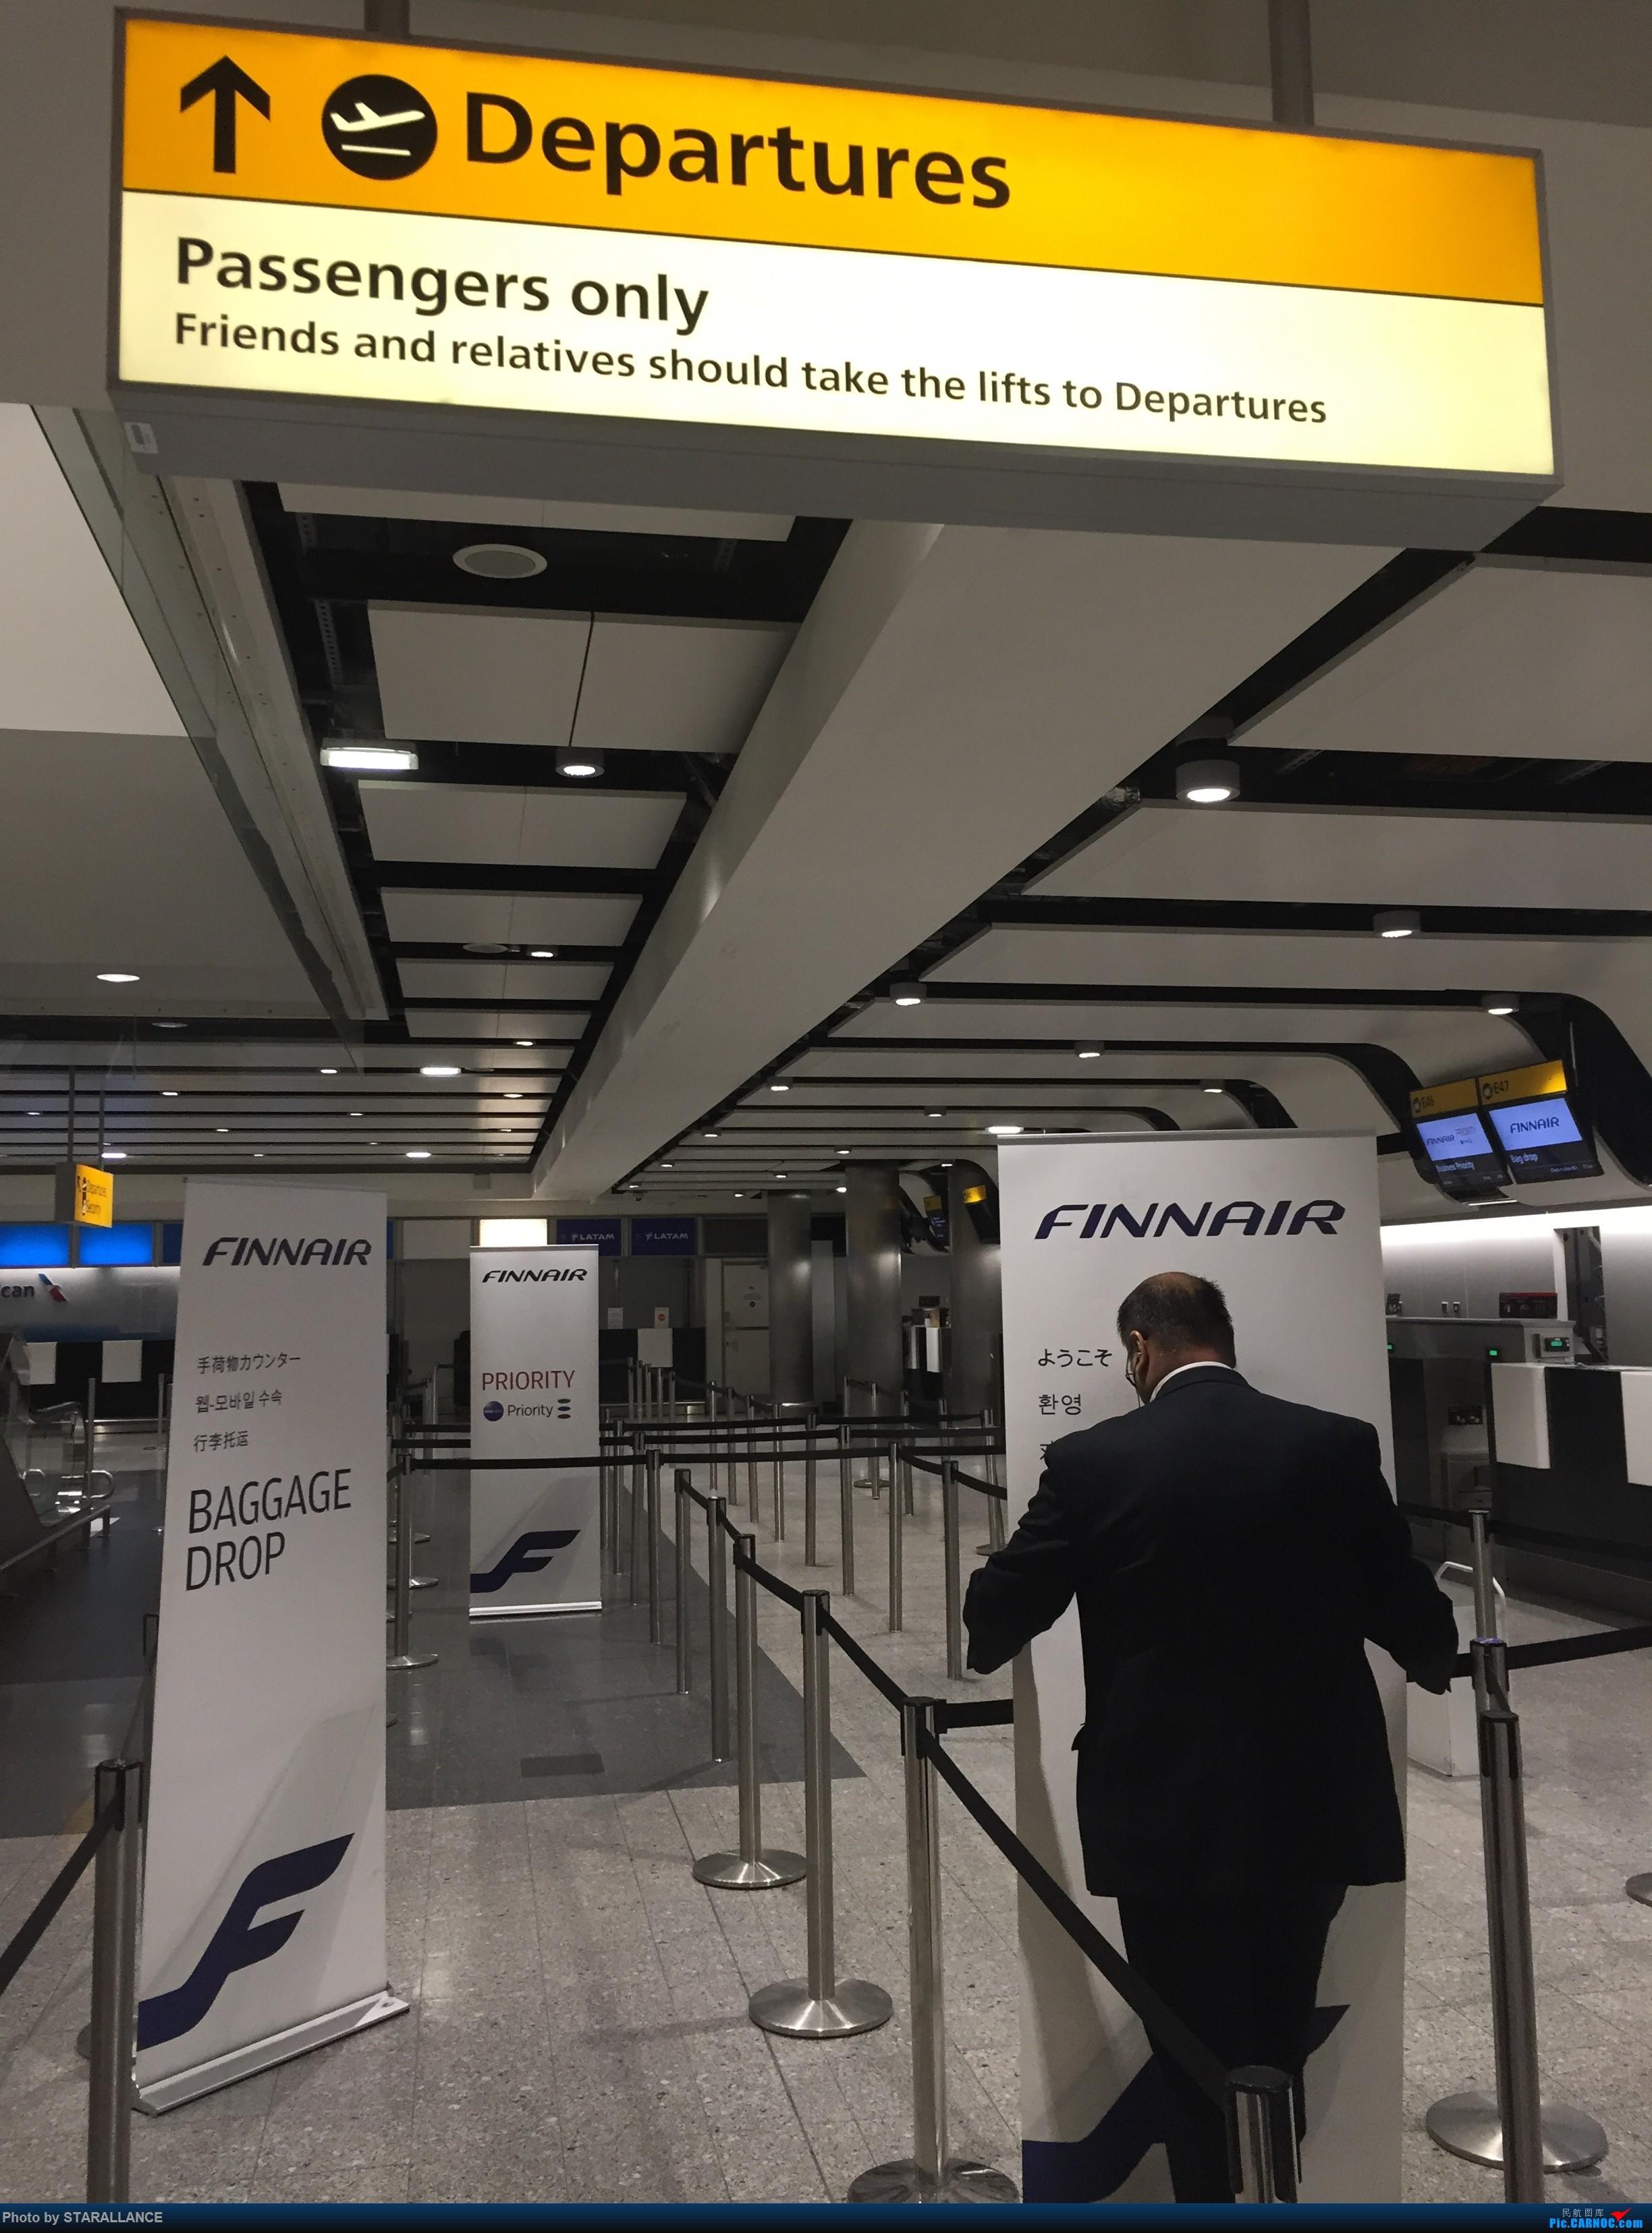 Re:[原创]A320 伦敦飞往赫尔辛基 附驾驶舱图    英国伦敦斯坦斯特德机场